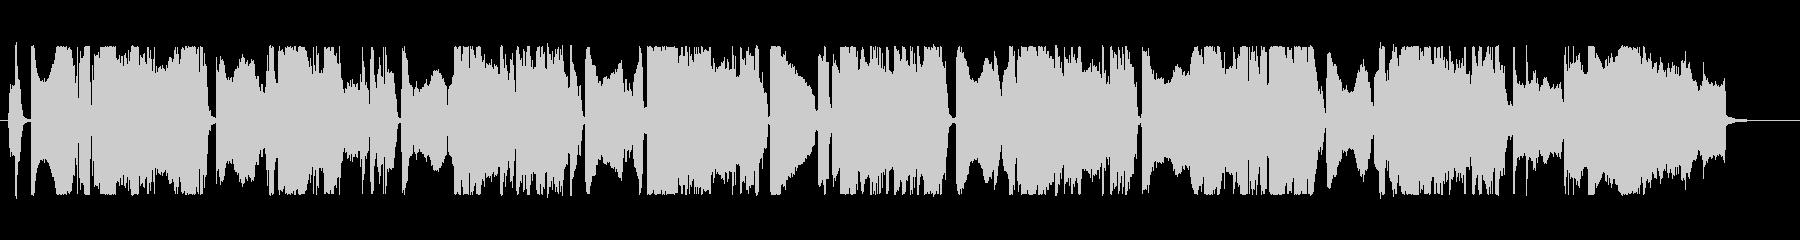 エッチ・セクシーなサックス(その1)の未再生の波形